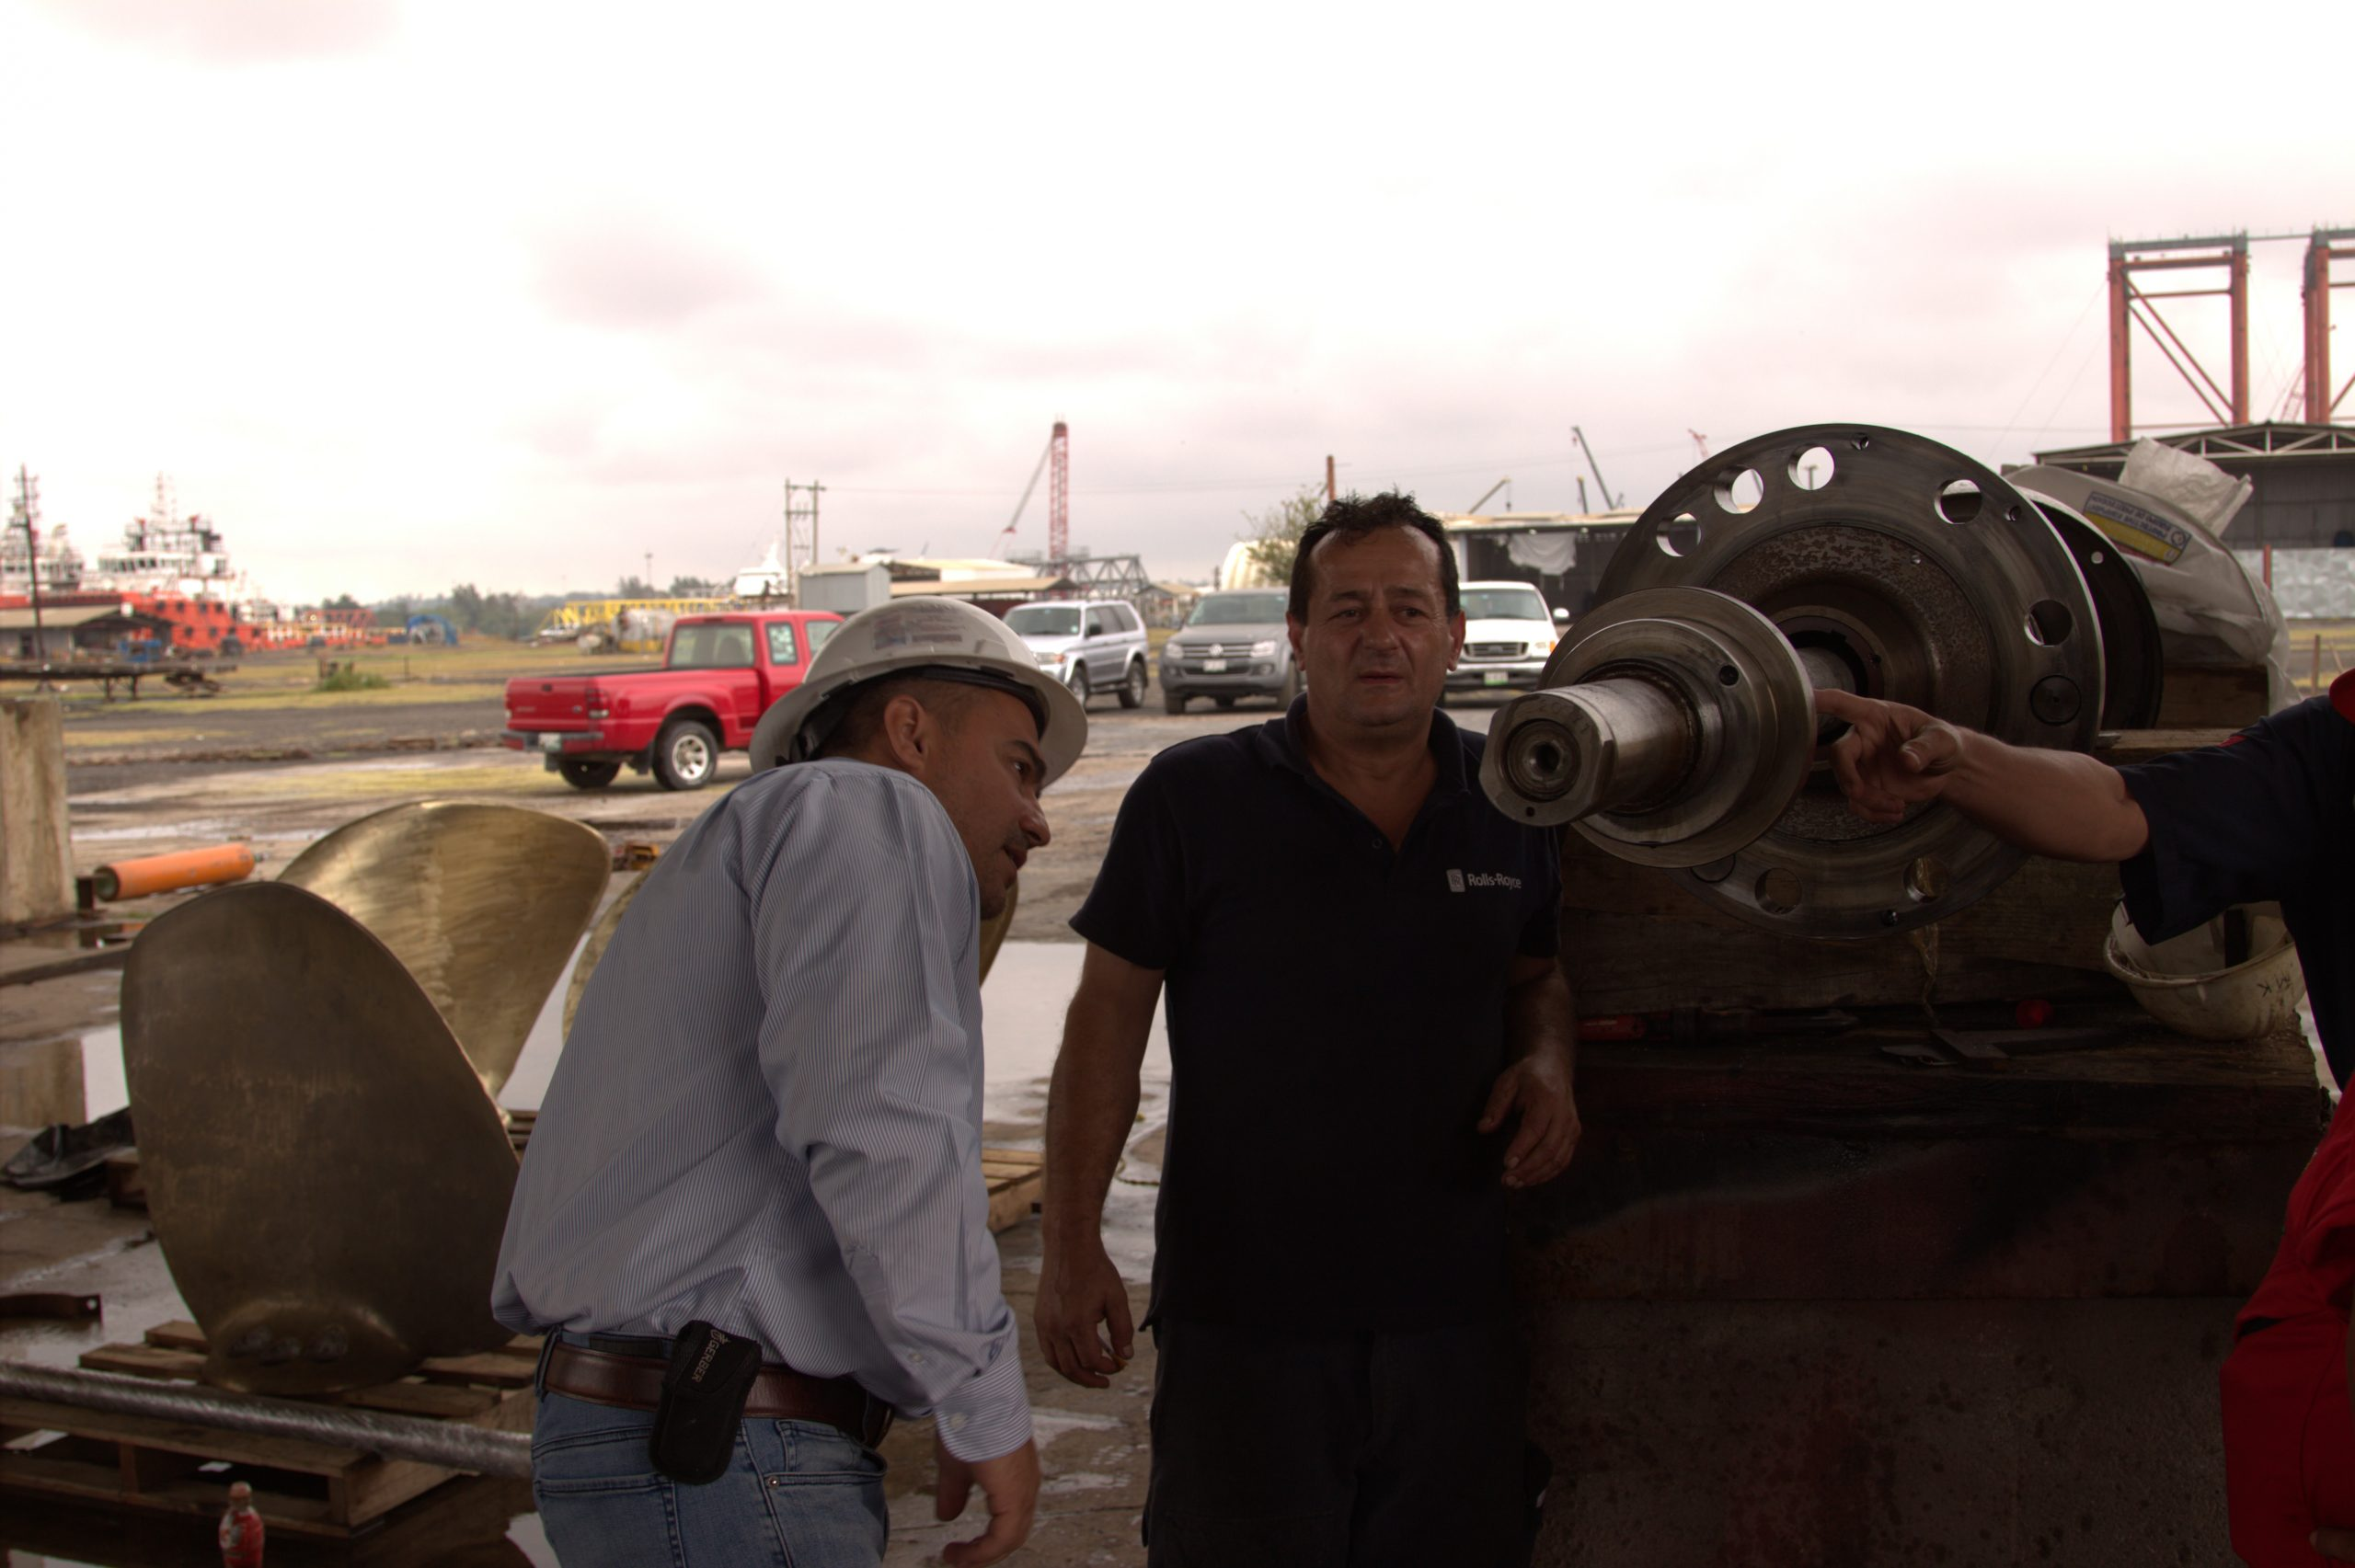 Mantenimiento-del-eje-de-propulsión-del-B_O-_Justo-Sierra__-por-el-técnico-de-Roll-Royce